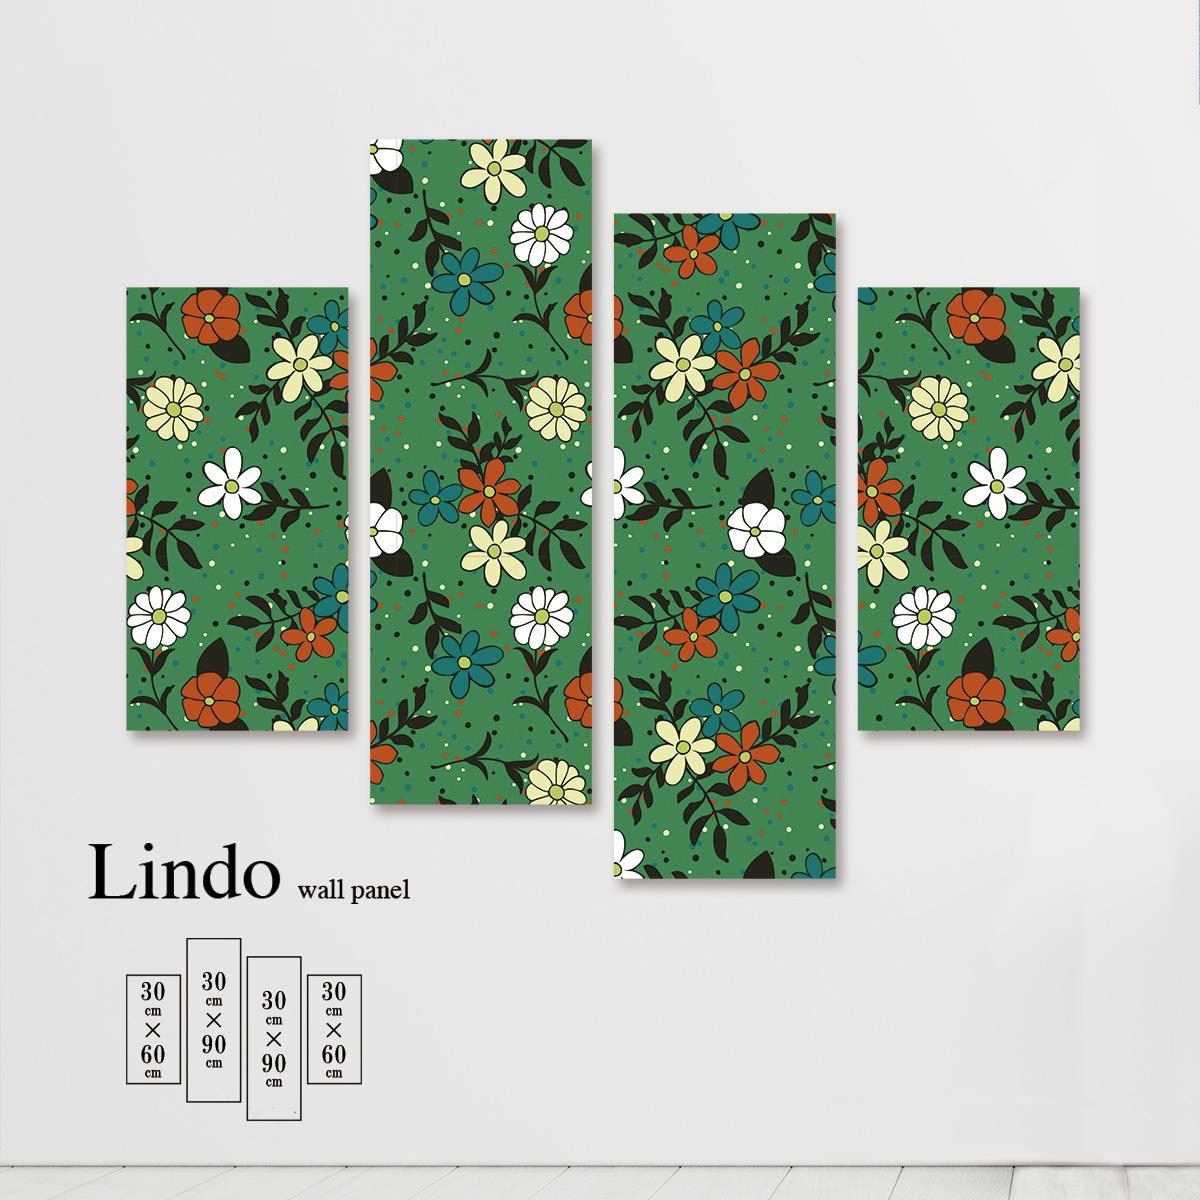 アートパネル 花 フラワー 小花 花びら 花柄 植物 グリーン 可愛い 壁掛け 北欧 お洒落 デザイン ファブリック 壁飾り アートボード 4枚パネル